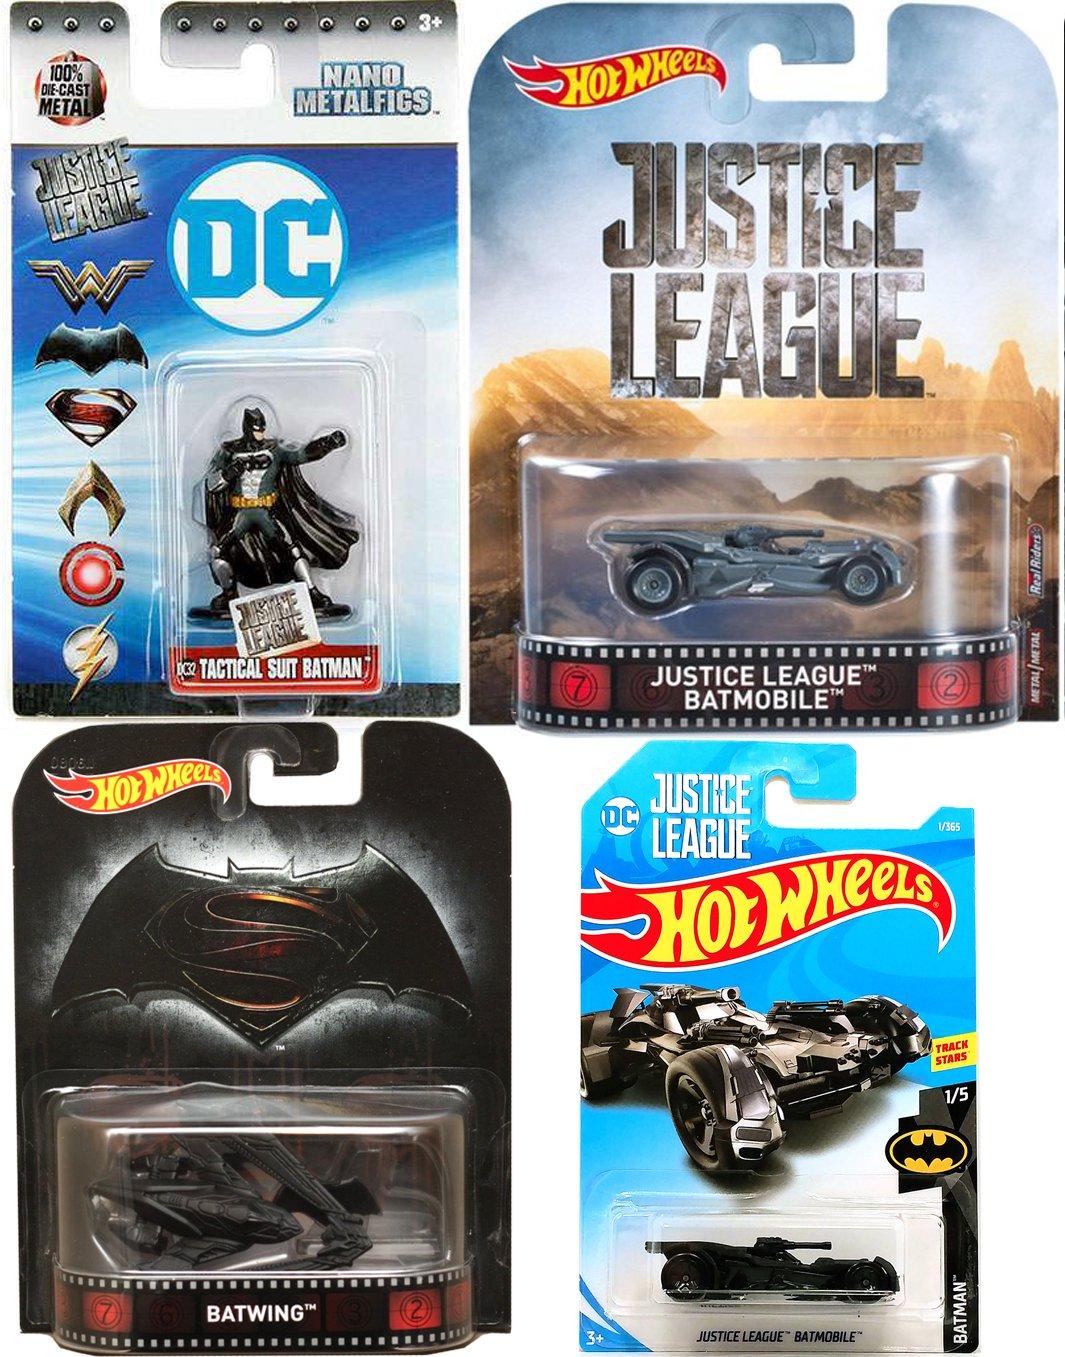 【最安値に挑戦】 2018 Justice League Batmobile Batman JL Set League 1 + Batman Riders V Superman Batwing & Justice League Retro Entertainment Real Riders & Miniature Metal Figure JL Tactical Suit DC32 collectible toy bundle set B077XGFG5W, ビーティー:3dd4dab1 --- sabinosports.com